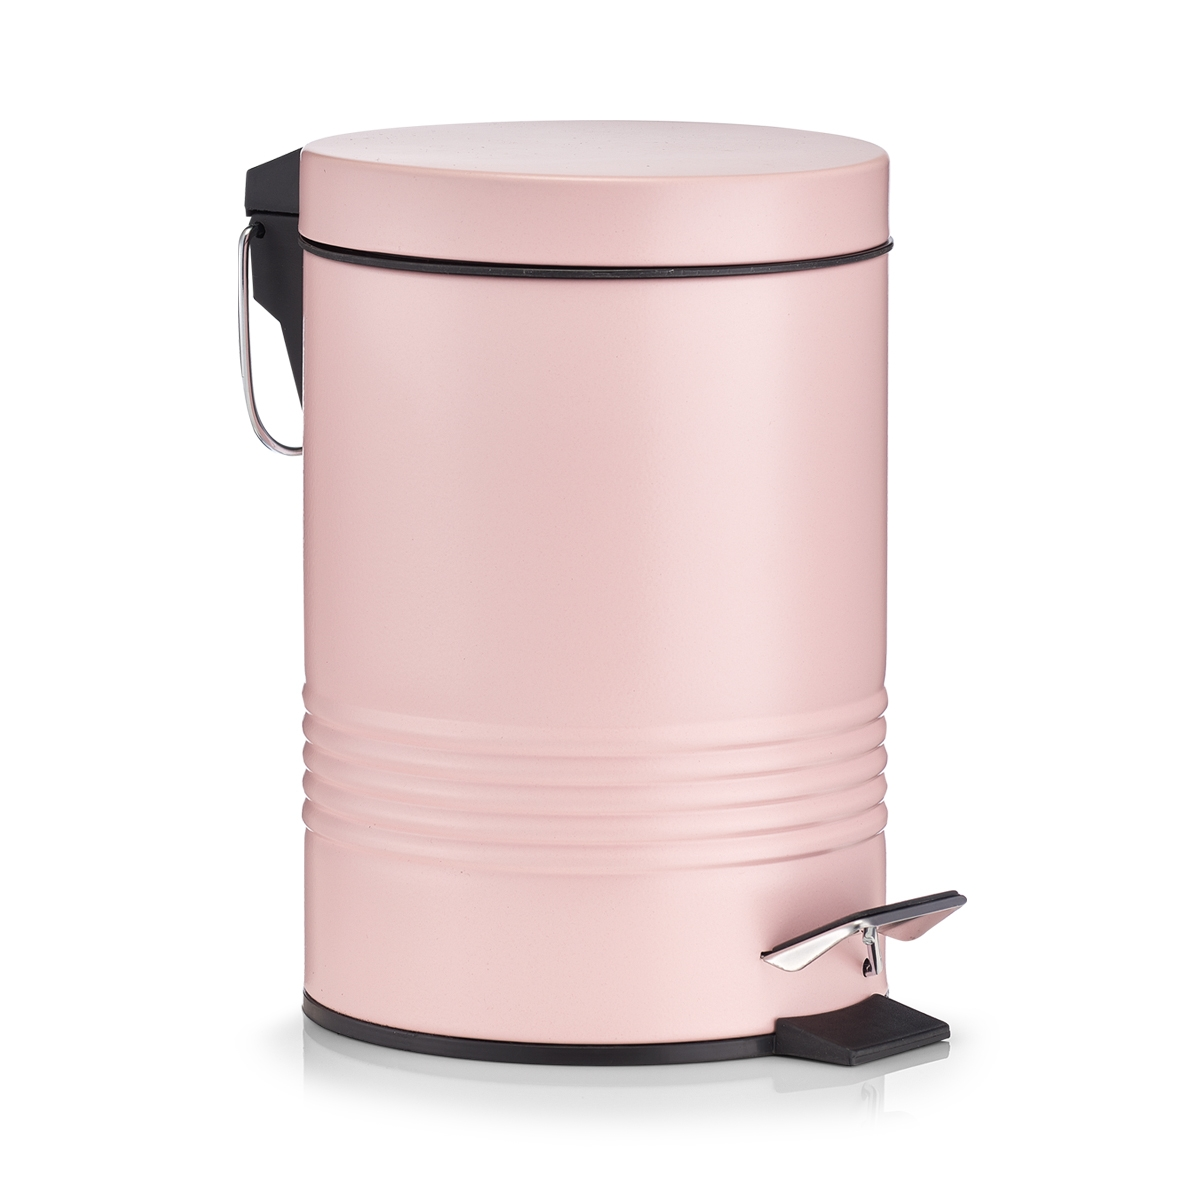 Cos de gunoi cu pedala pentru baie, Rose, 3L